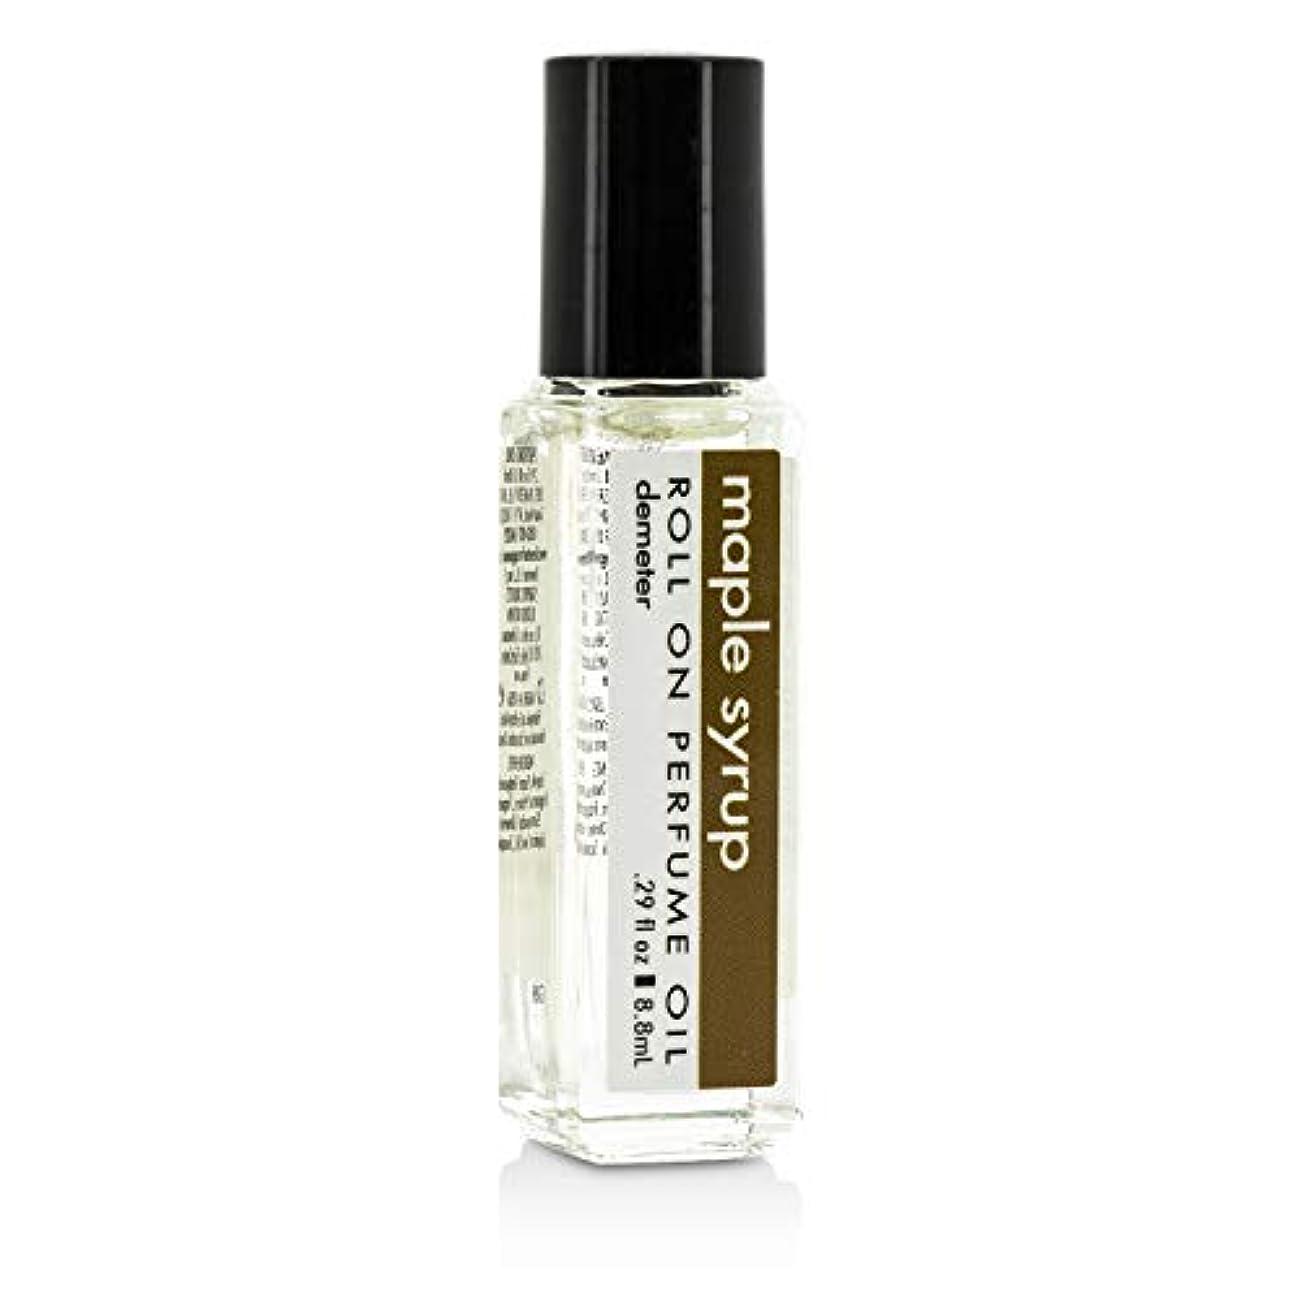 工業用クリーナー有益なディメーター Maple Syrup Roll On Perfume Oil 8.8ml/0.29oz並行輸入品